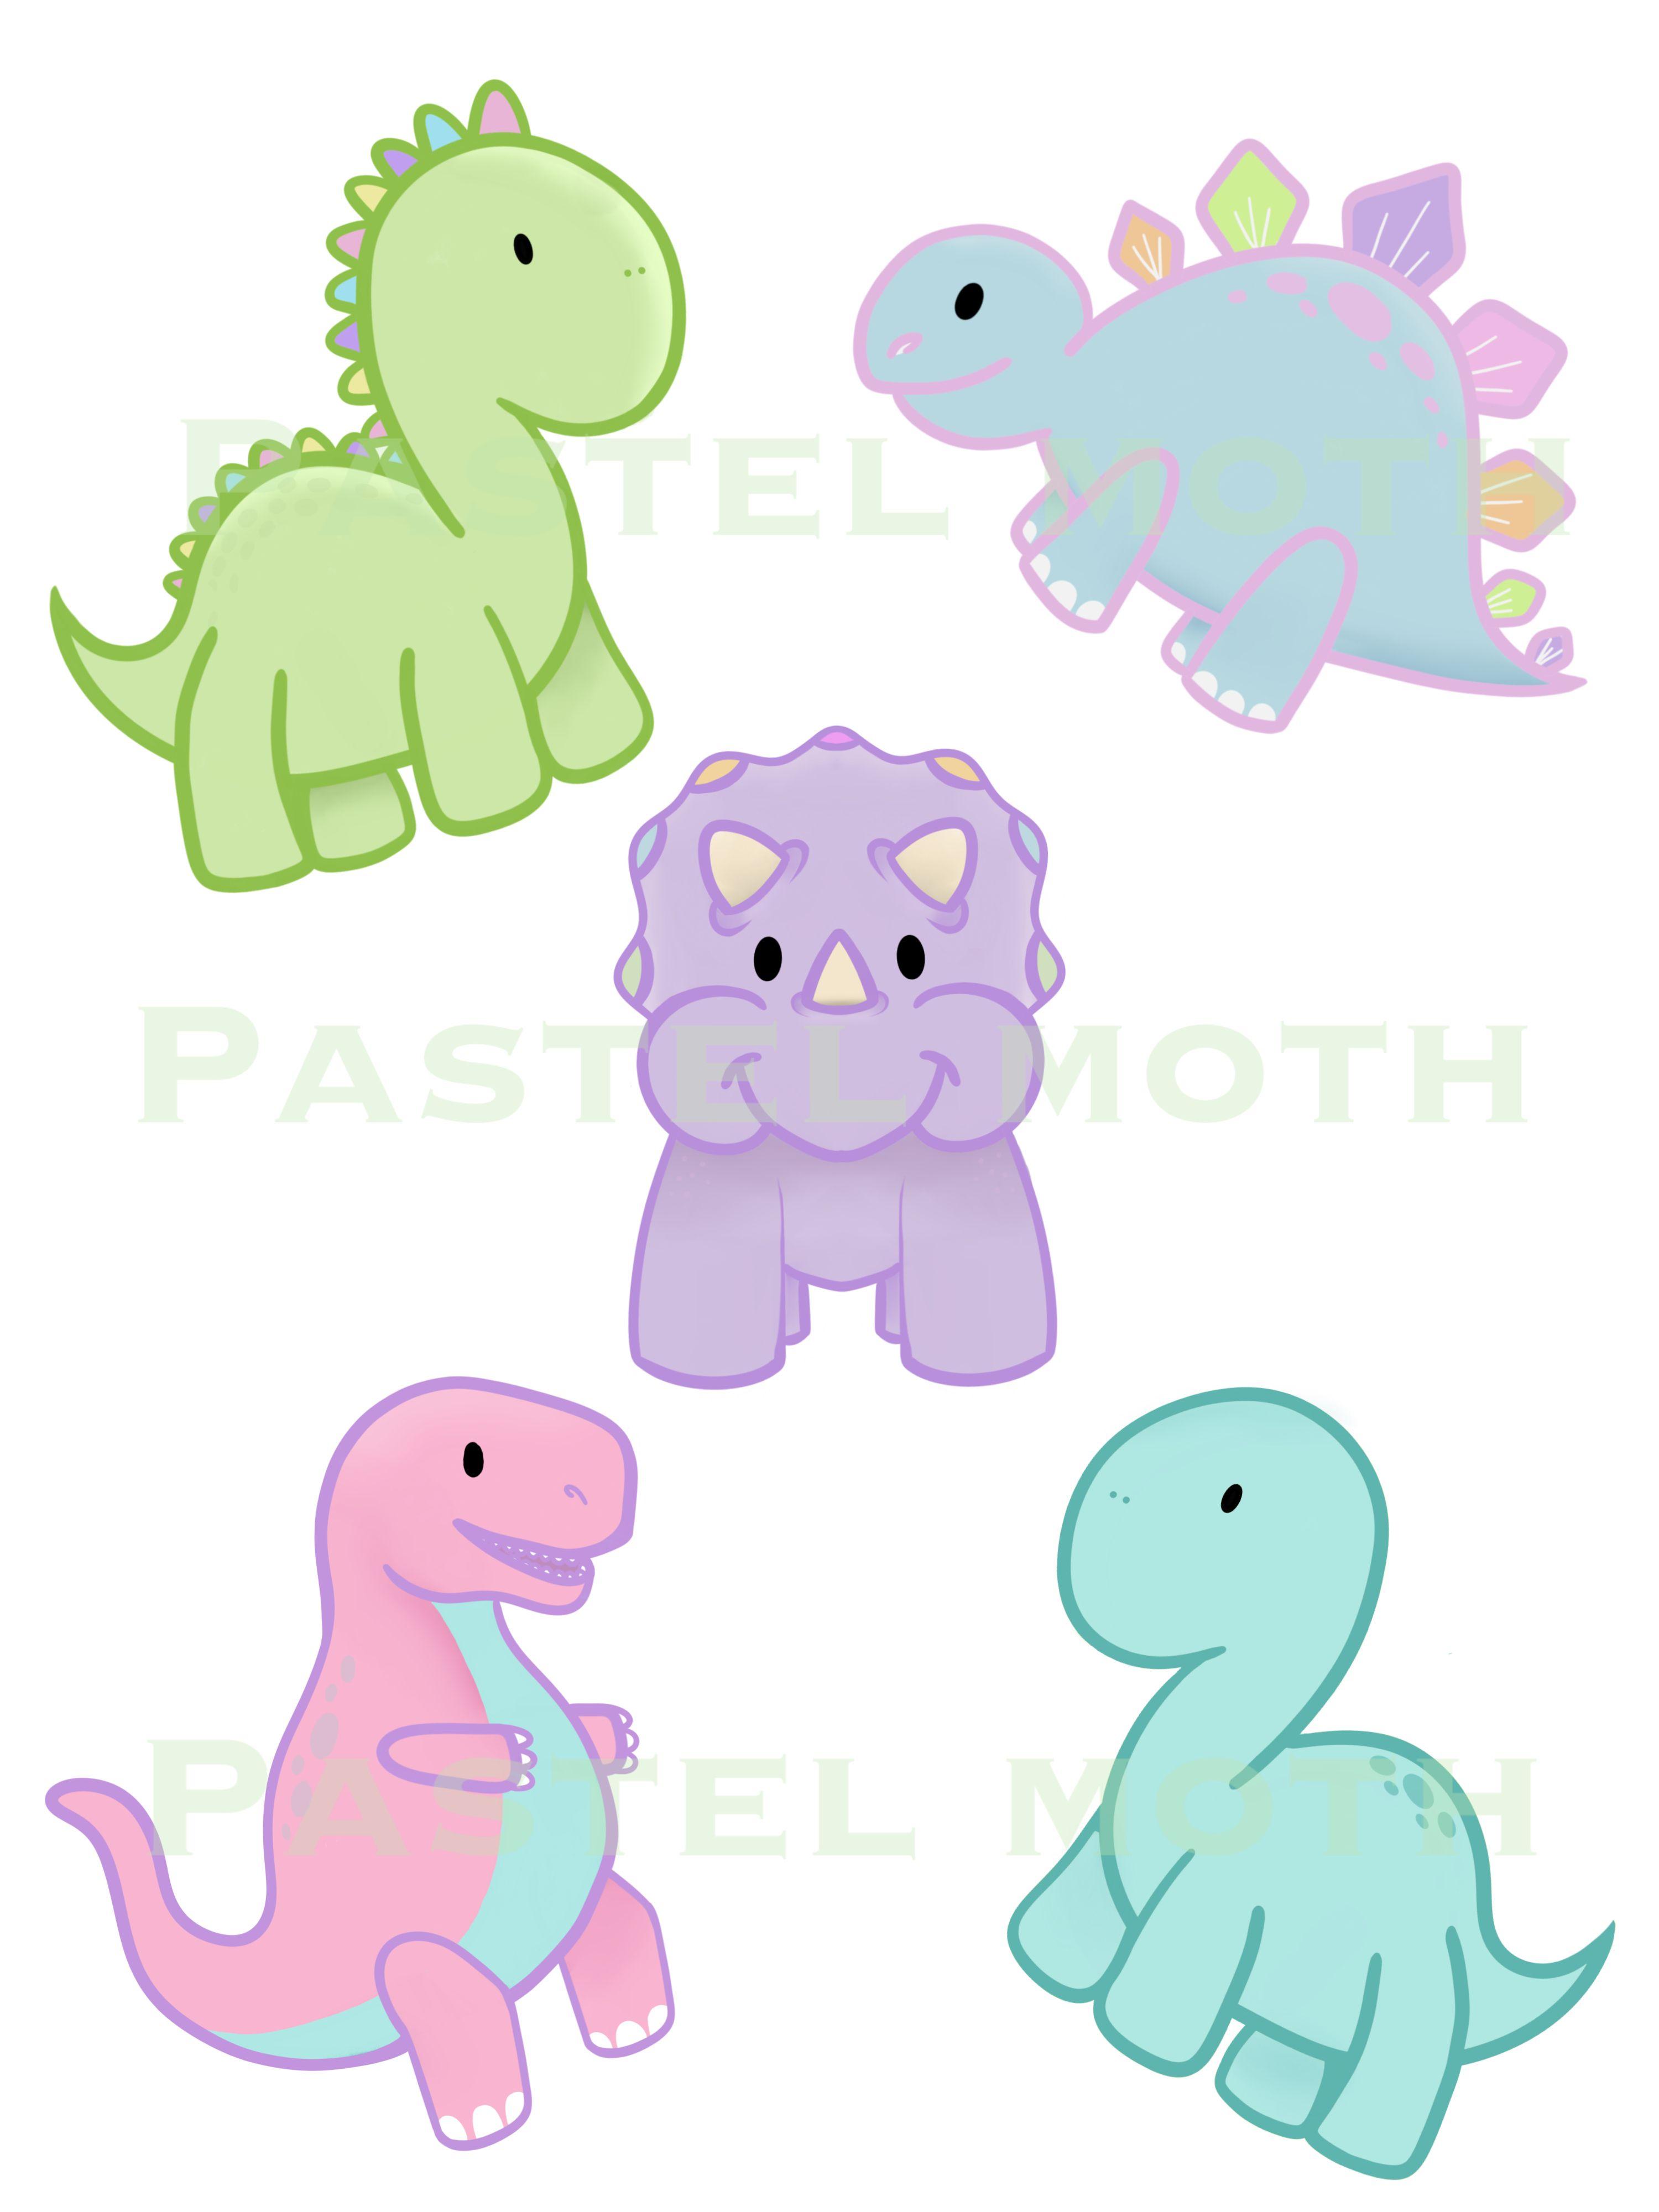 Cute pastel dinosaurs. | Dinosaur illustration, Dinosaur ... (3000 x 4000 Pixel)